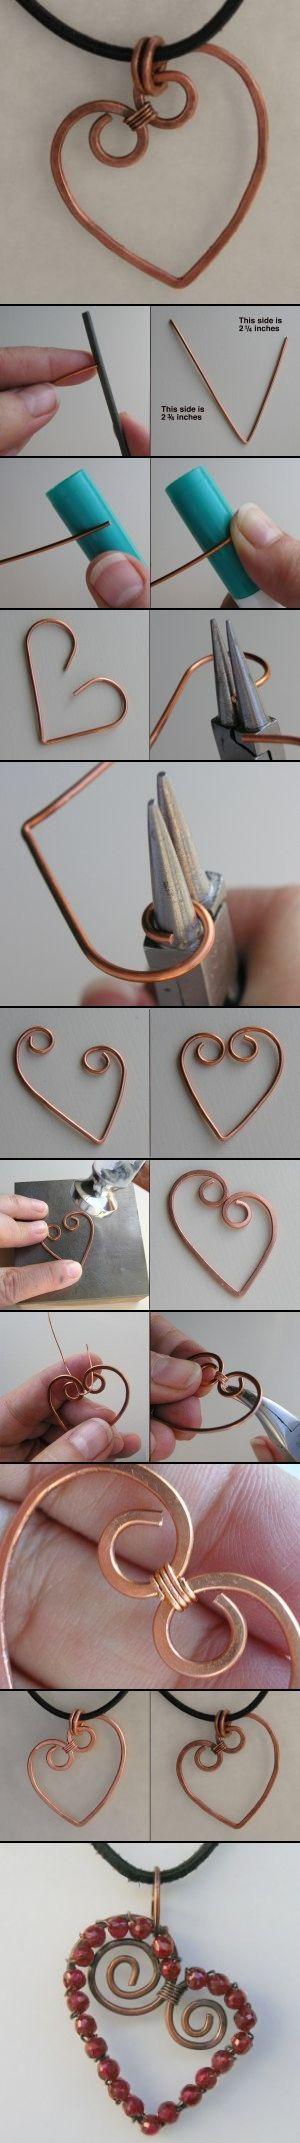 Tutorial Corazón alambre. También tiene otros tutoriales